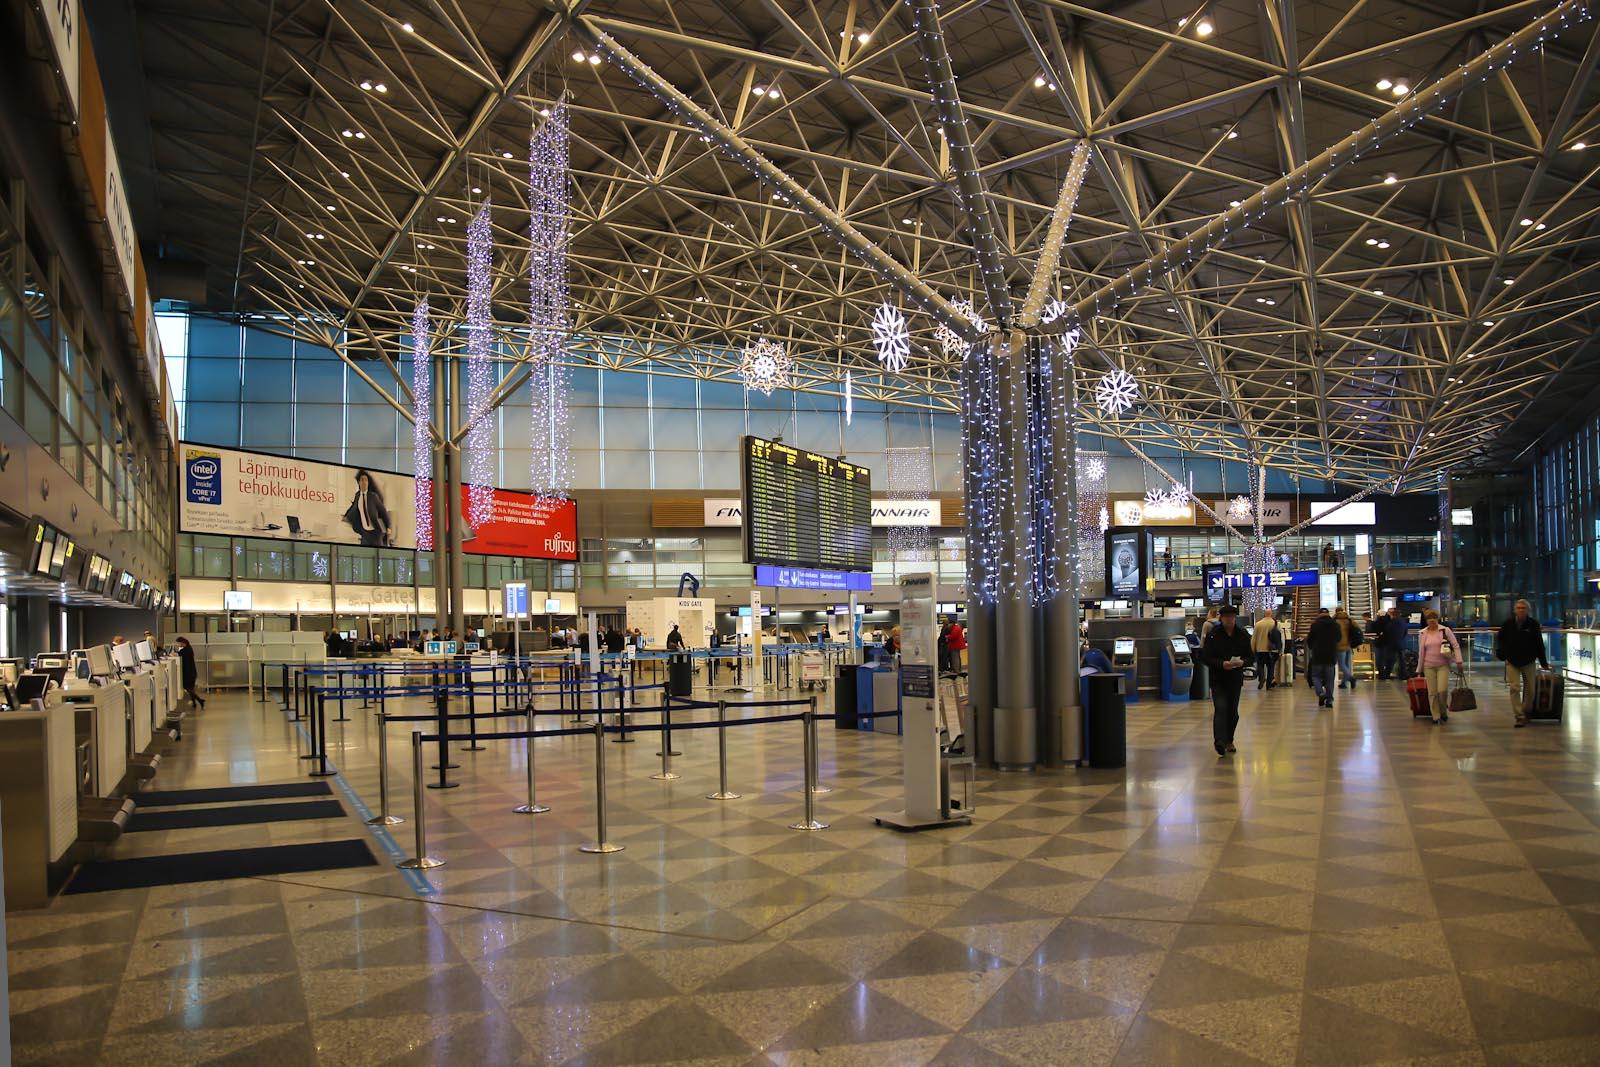 Зал регистрации на рейсы Finnair в Терминале 2 аэропорта Хельсинки Вантаа